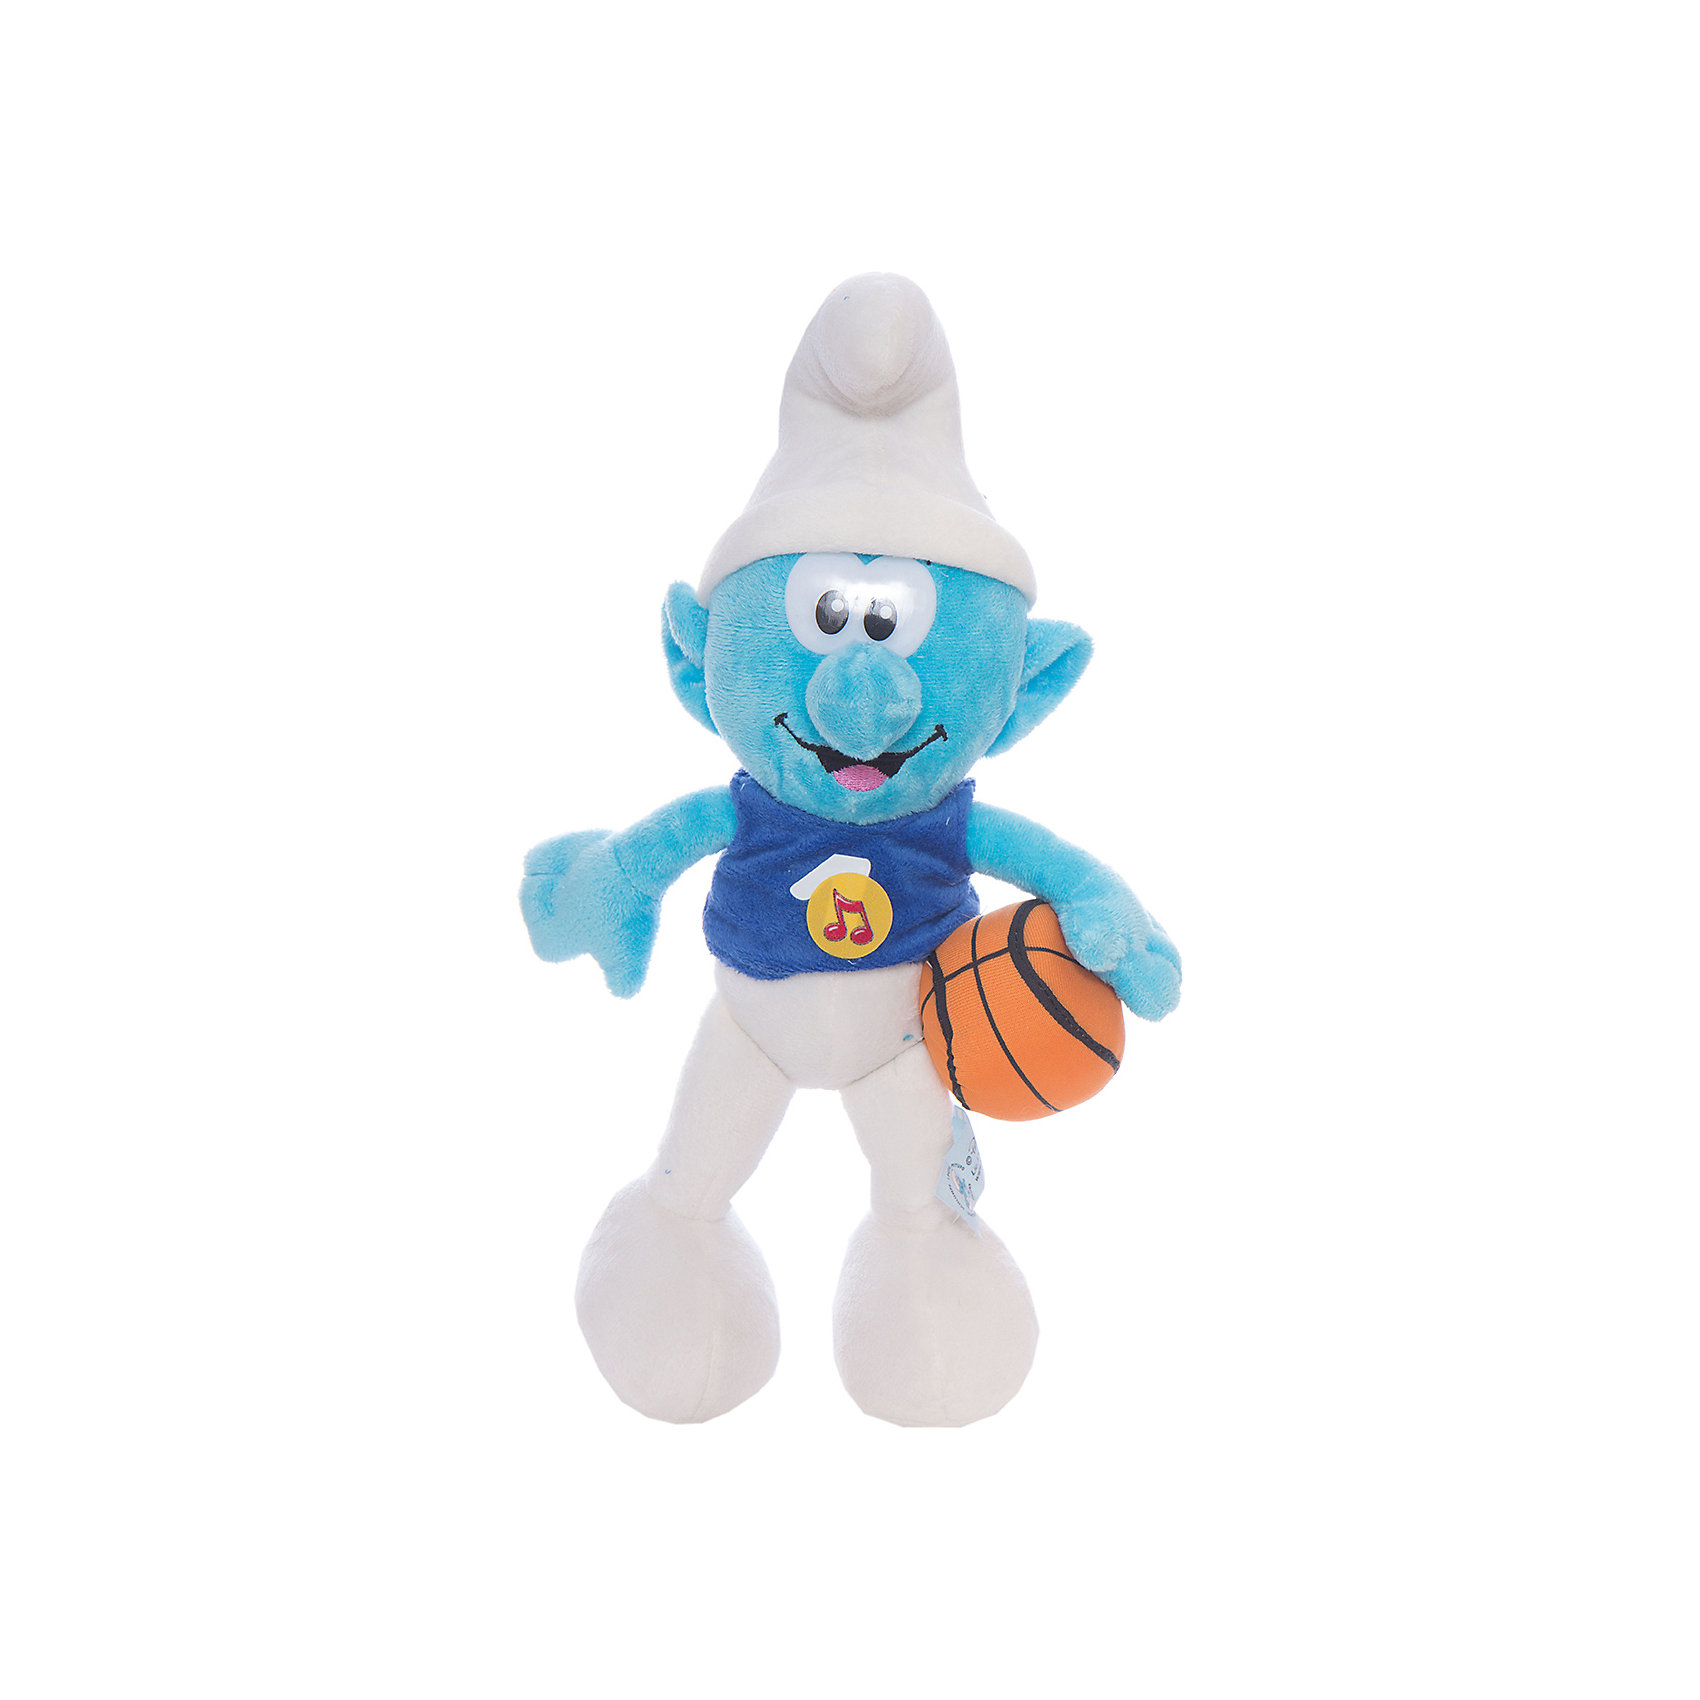 Мягкая игрушка  Смурф, со звуком, 26 см, Смурфики, МУЛЬТИ-ПУЛЬТИОзвученные мягкие игрушки<br>Дети обожают Смурфиков - маленьких синих созданий из одноименного мультфильма. Мягкая игрушка способна воспроизводить 10 фраз.<br><br>Дополнительная информация:<br><br>- материал: текстиль.<br>- высота игрушки: 26 см<br><br>Мягкую игрушку  Смурф, со звуком, 26 см, Смурфики, МУЛЬТИ-ПУЛЬТИ можно купить в нашем магазине.<br><br>Ширина мм: 156<br>Глубина мм: 156<br>Высота мм: 260<br>Вес г: 63<br>Возраст от месяцев: 18<br>Возраст до месяцев: 144<br>Пол: Унисекс<br>Возраст: Детский<br>SKU: 3143929